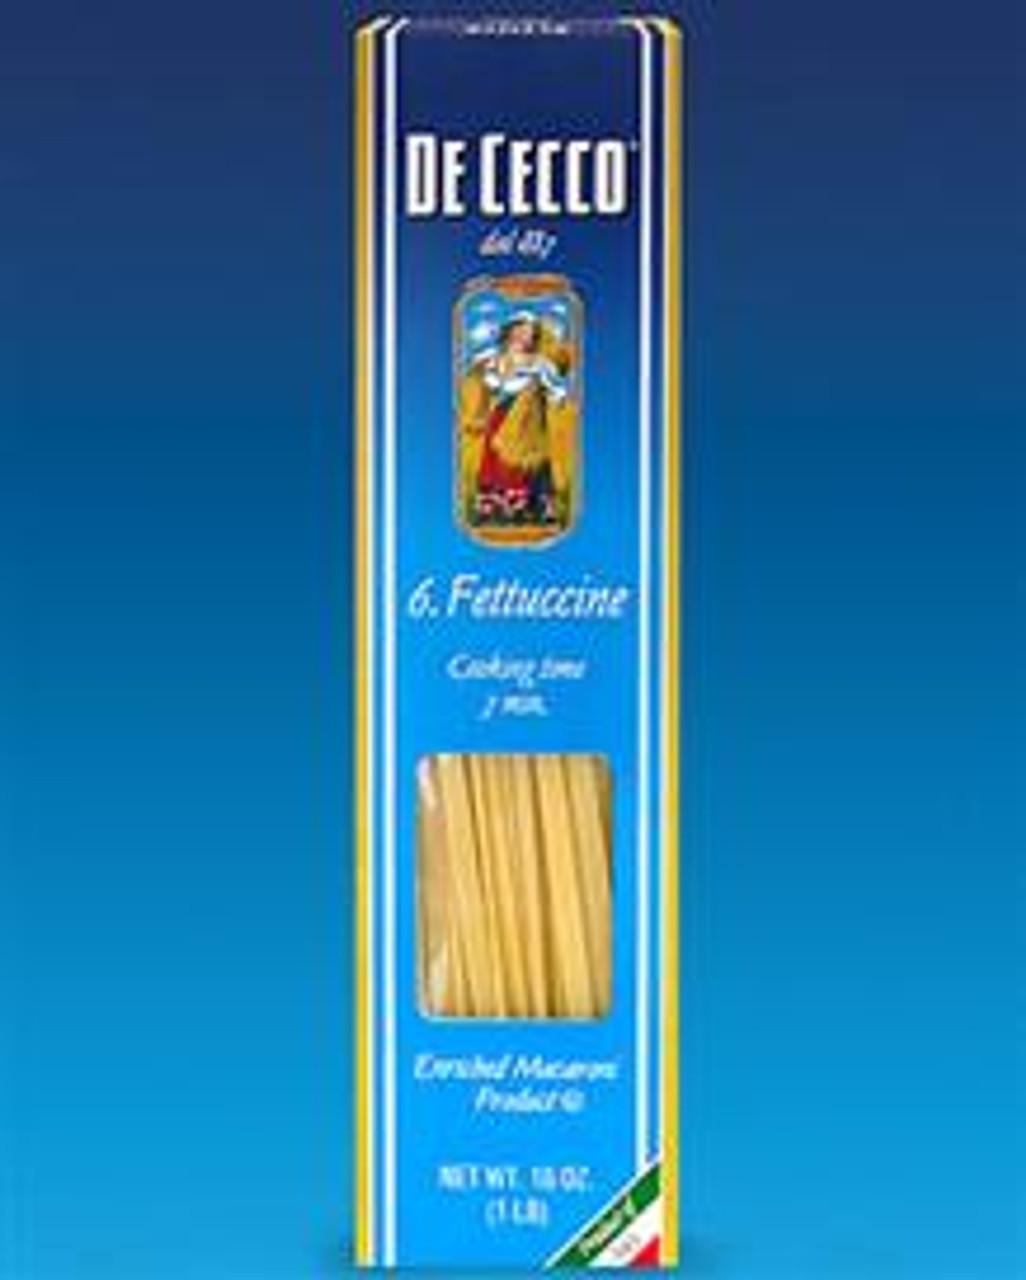 Fettuccine